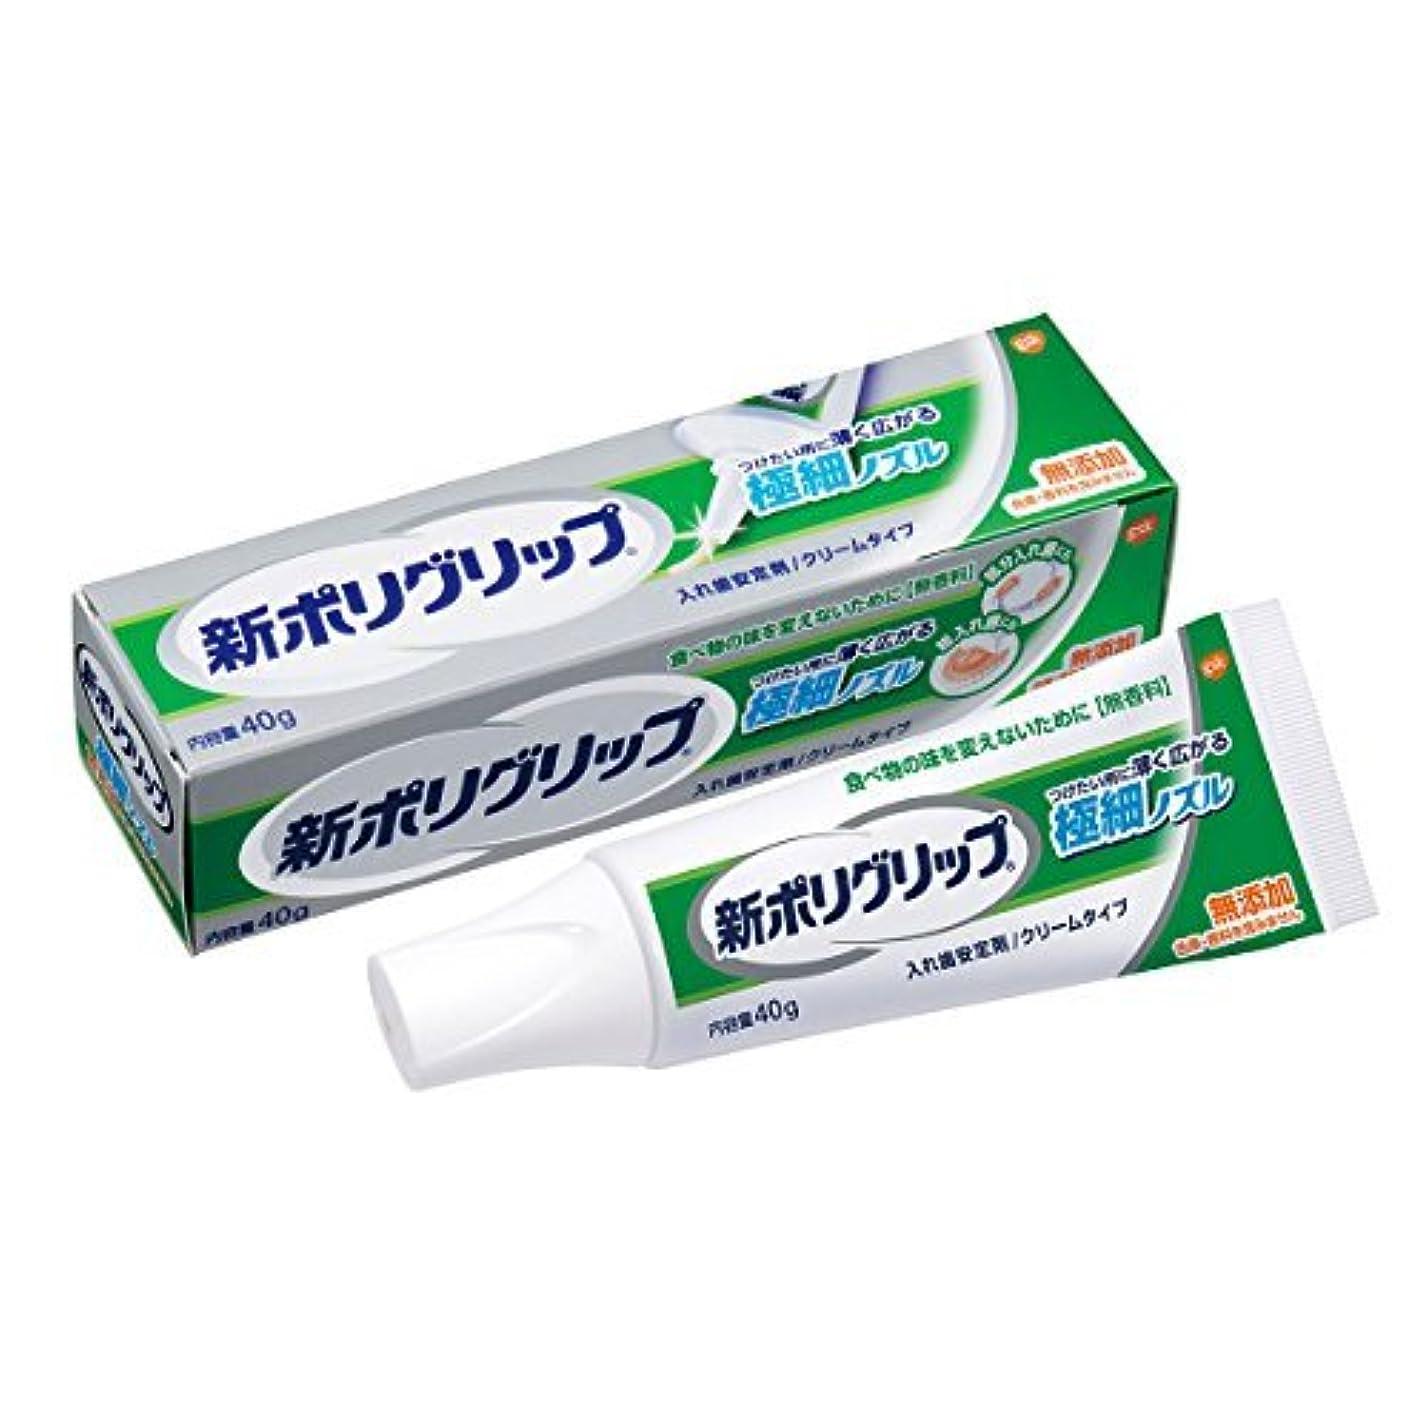 調和ますます矩形部分?総入れ歯安定剤 新ポリグリップ極細ノズル 無添加 40g